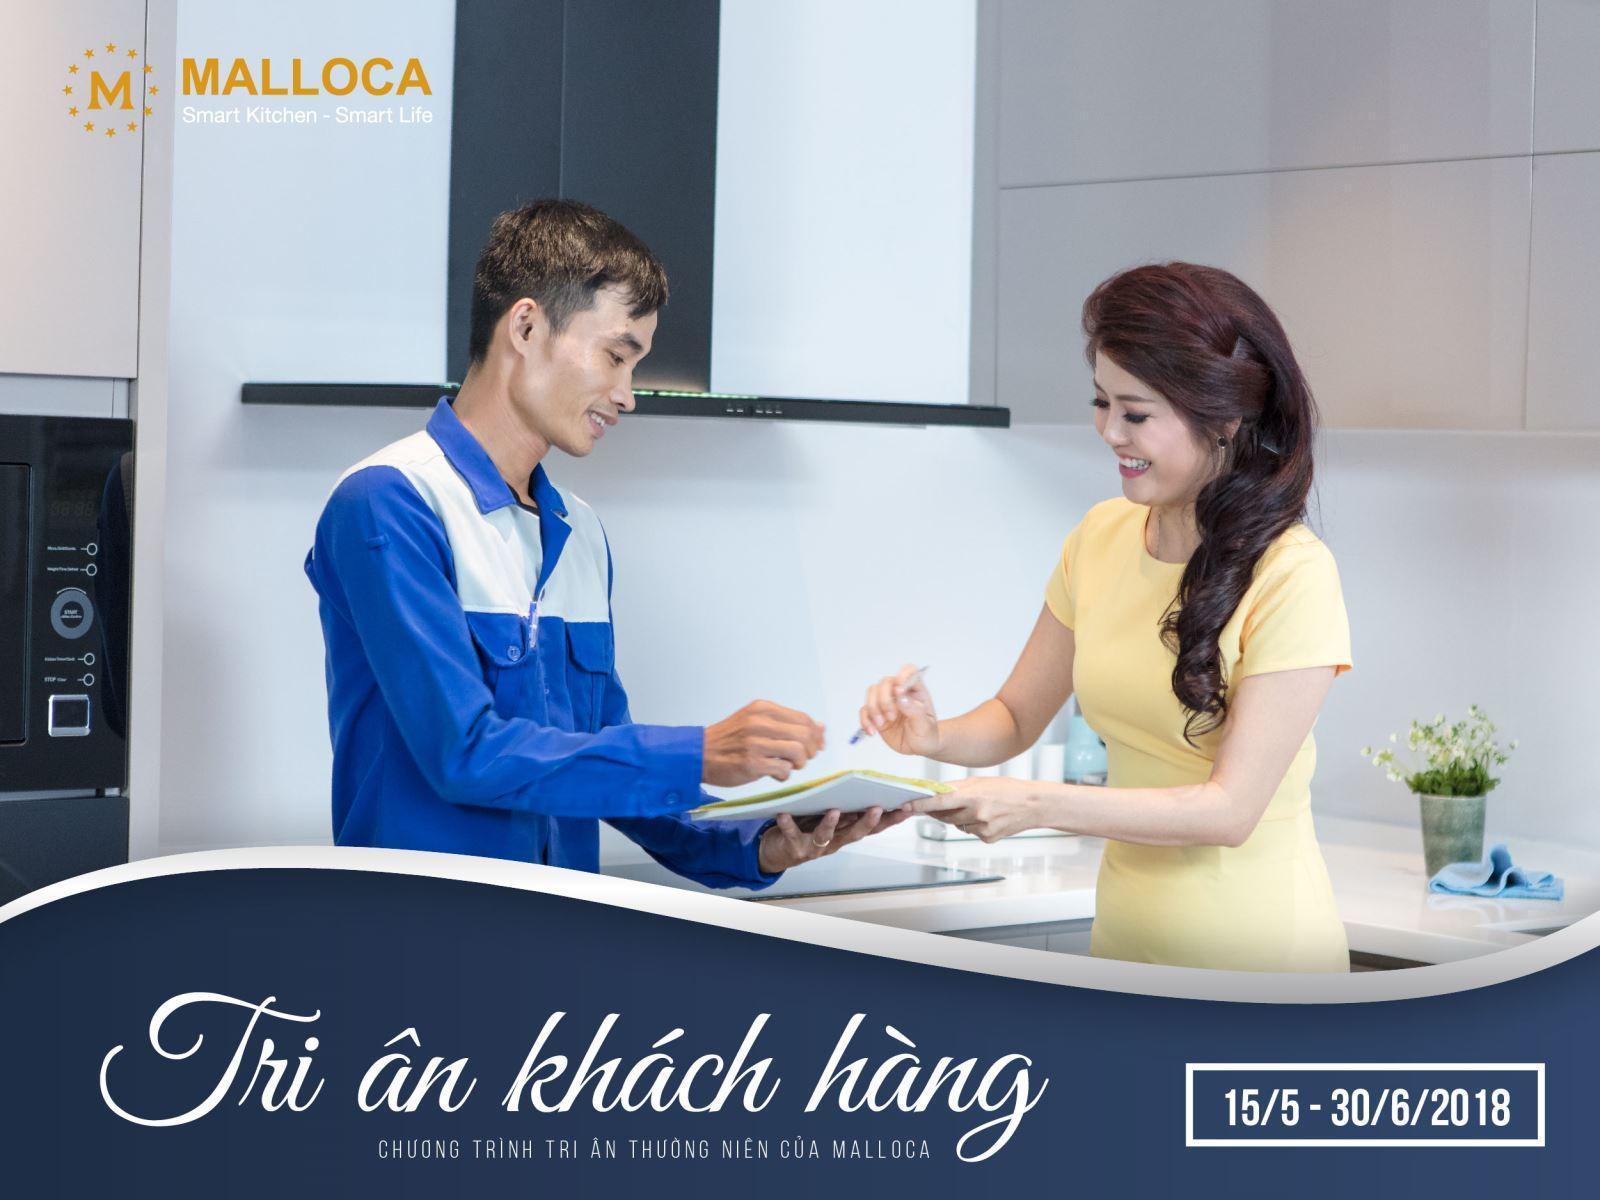 Malloca Việt Nam tri ân khách hàng năm 2018